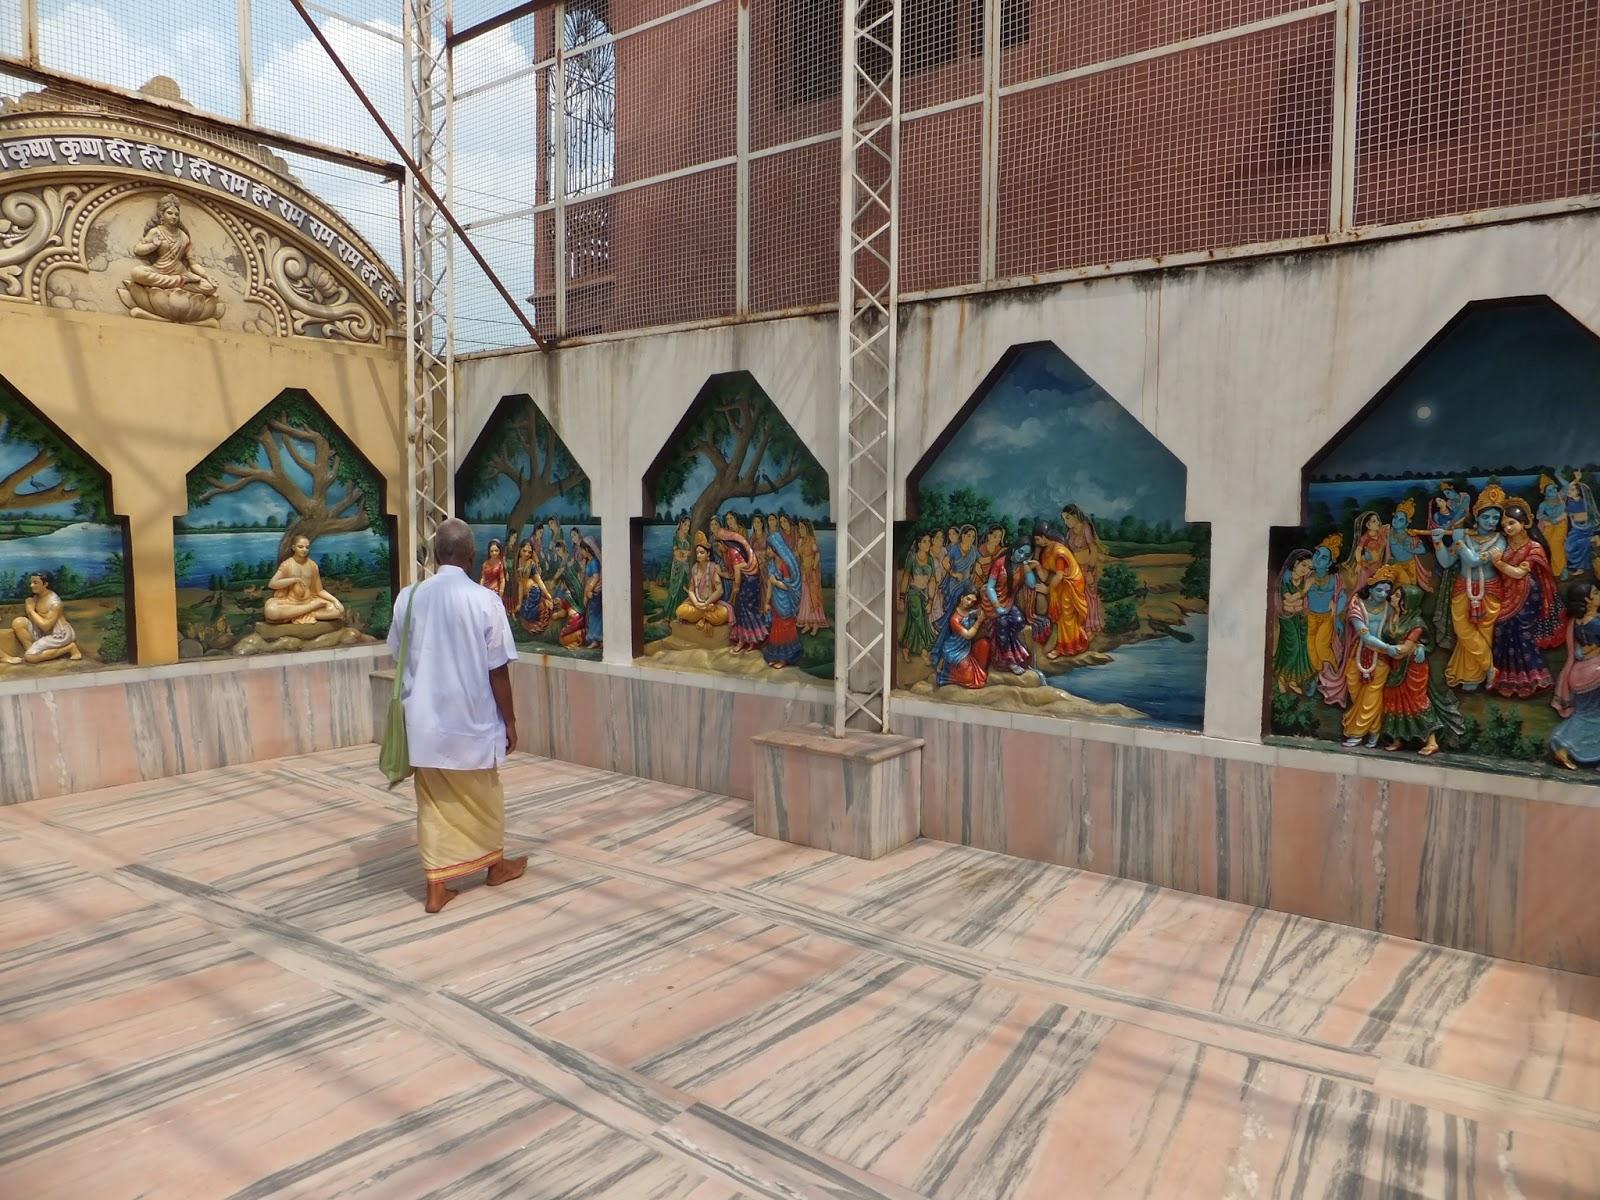 настенные изображения в храме Вриндавана